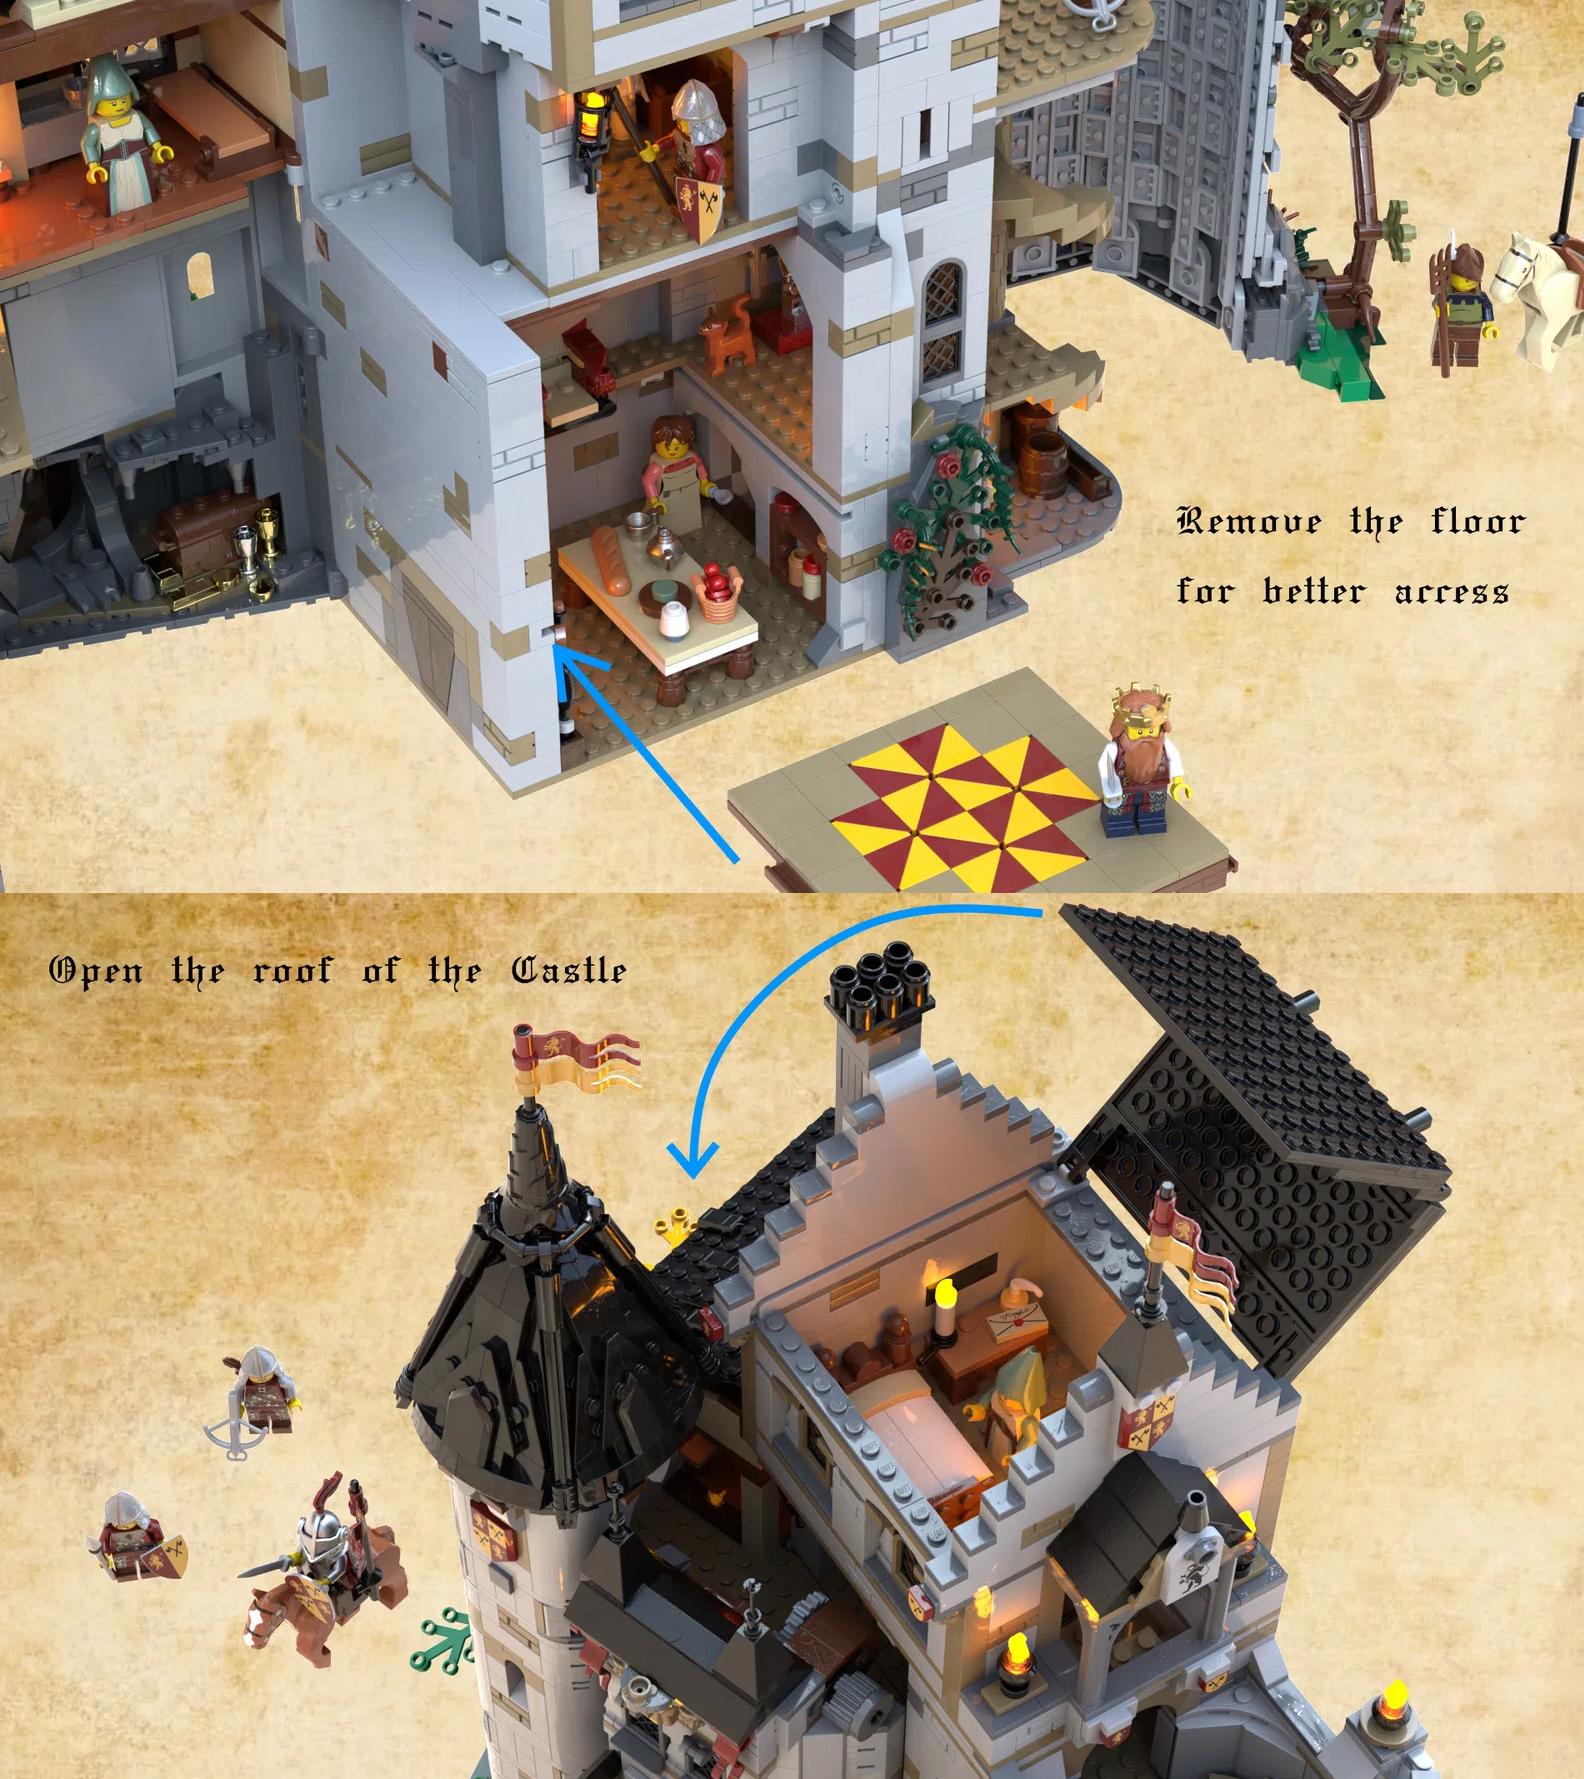 レゴアイデアで『ブリックウッドの森の城』が製品化レビュー進出!2021年第1回1万サポート獲得デザイン紹介